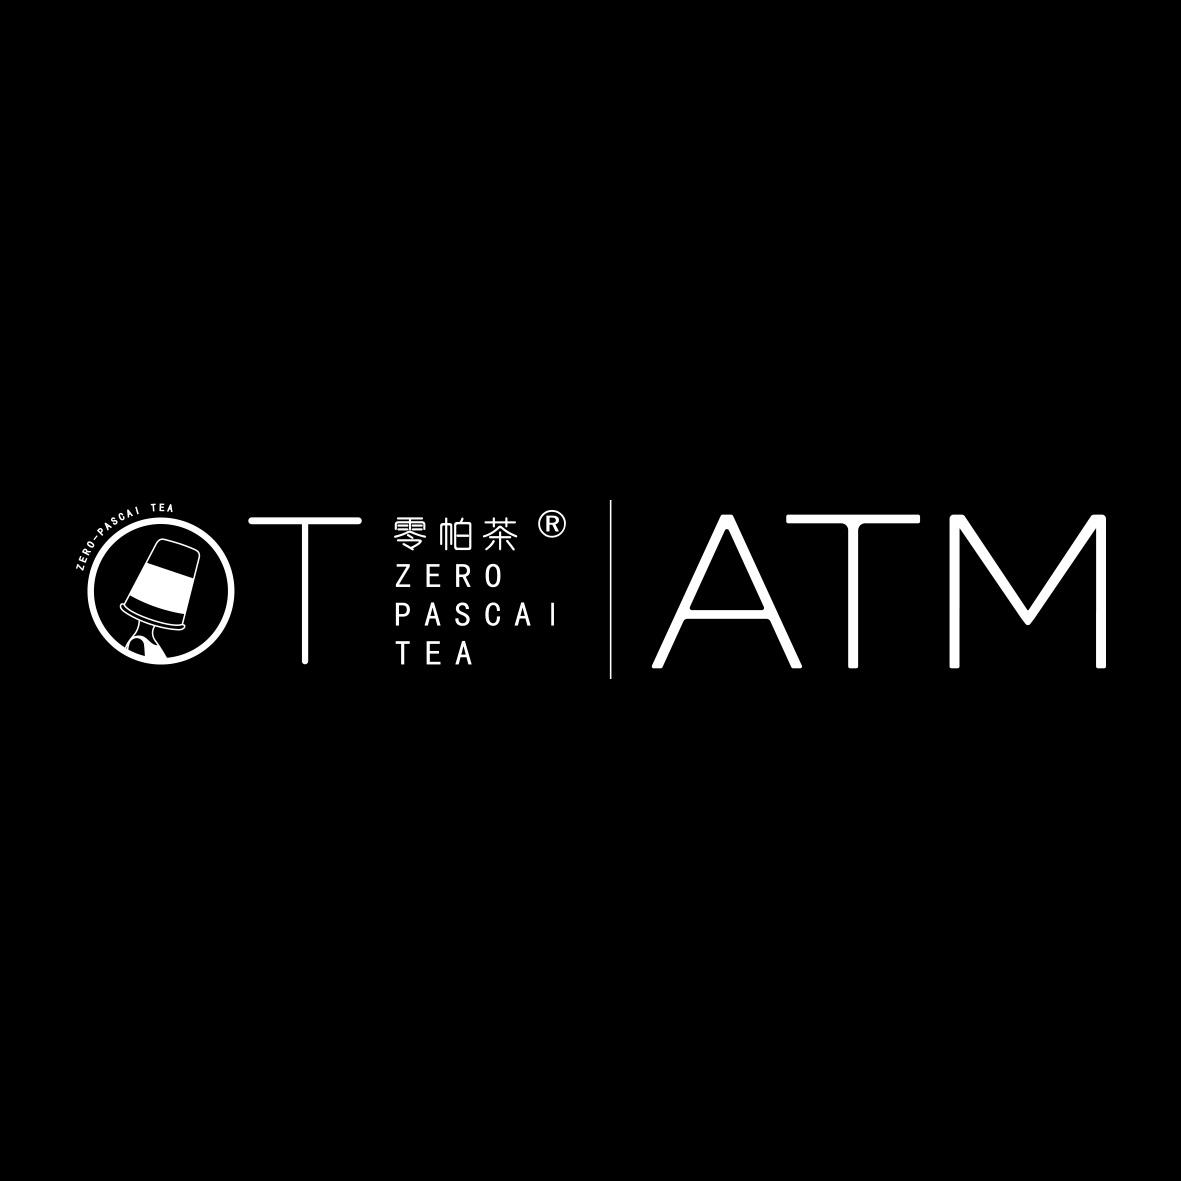 OTATM零帕茶项目加盟